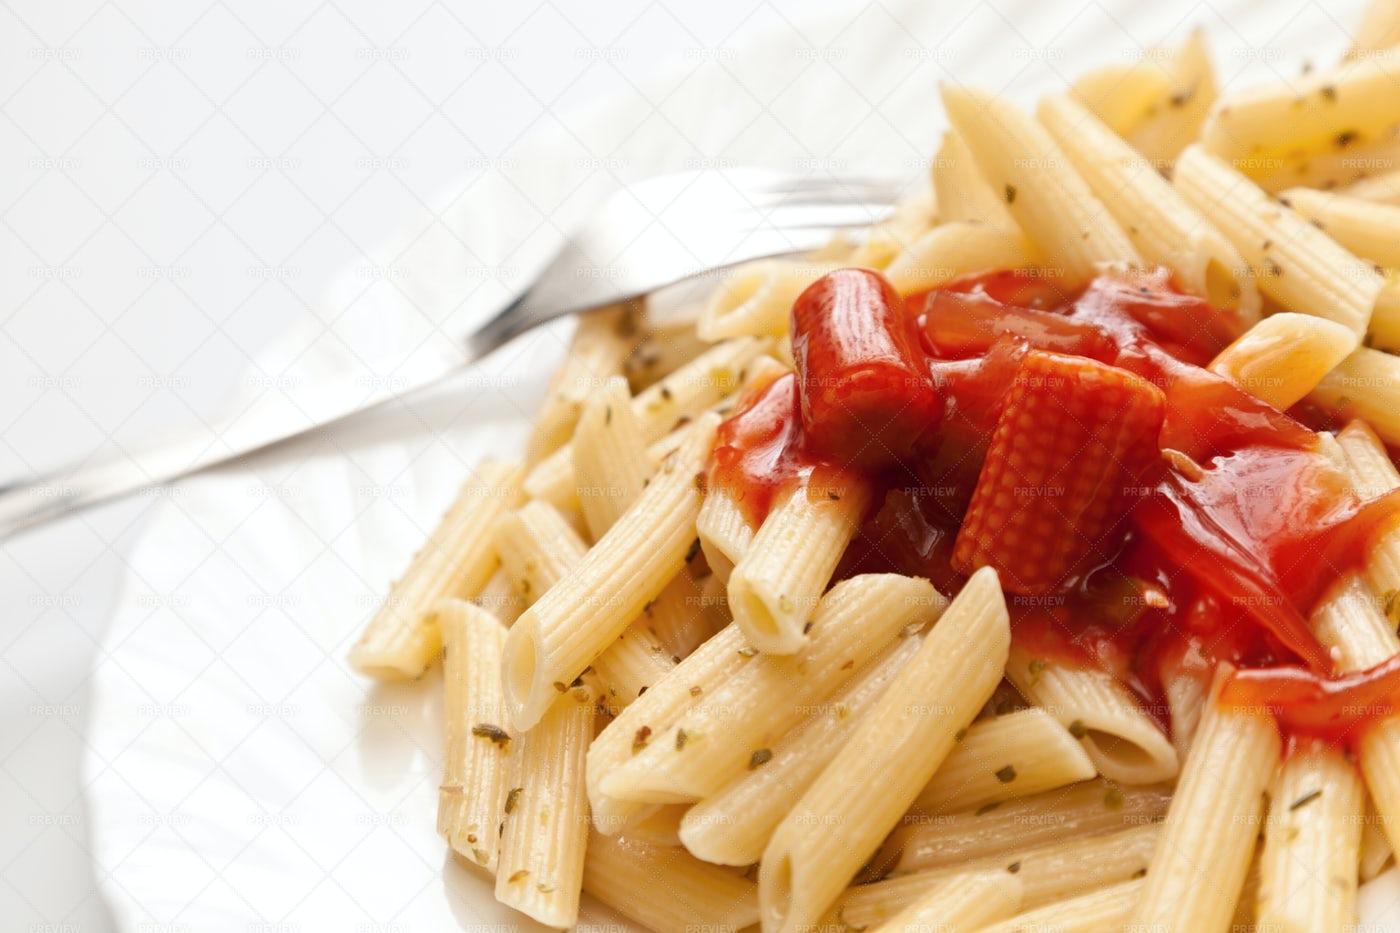 Pasta With Sauce: Stock Photos